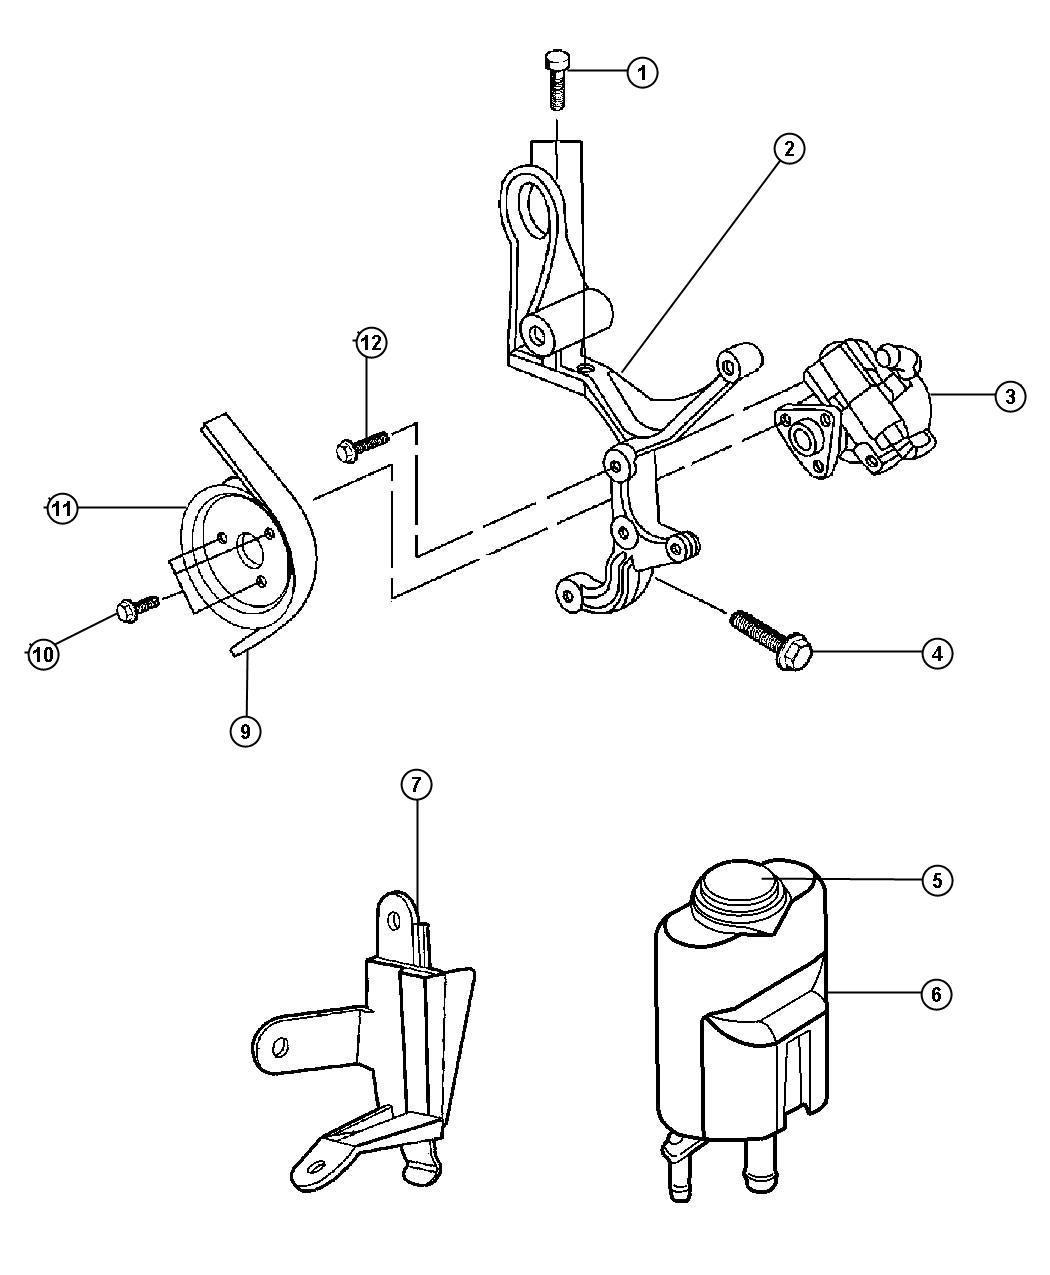 1999 Chrysler Sebring Reservoir. Power steering fluid